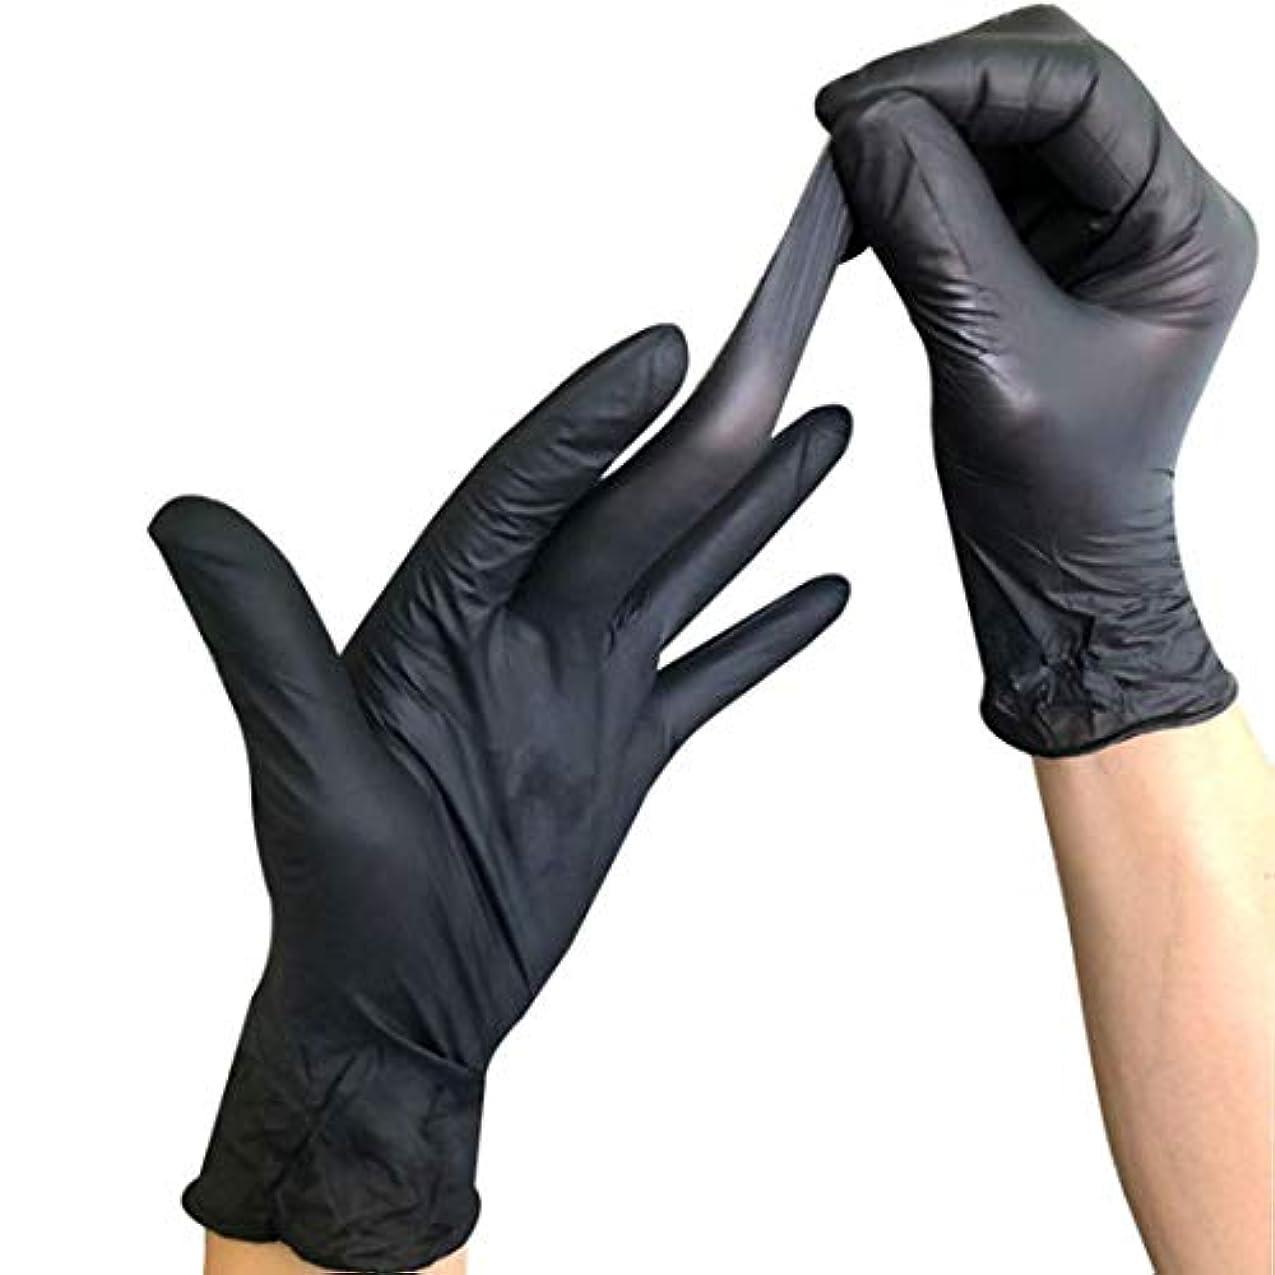 サーバント協同皿使い捨て手袋 ニトリル手袋 厚手防水 耐油 耐久性が強い上に軽く高品質黒 100枚